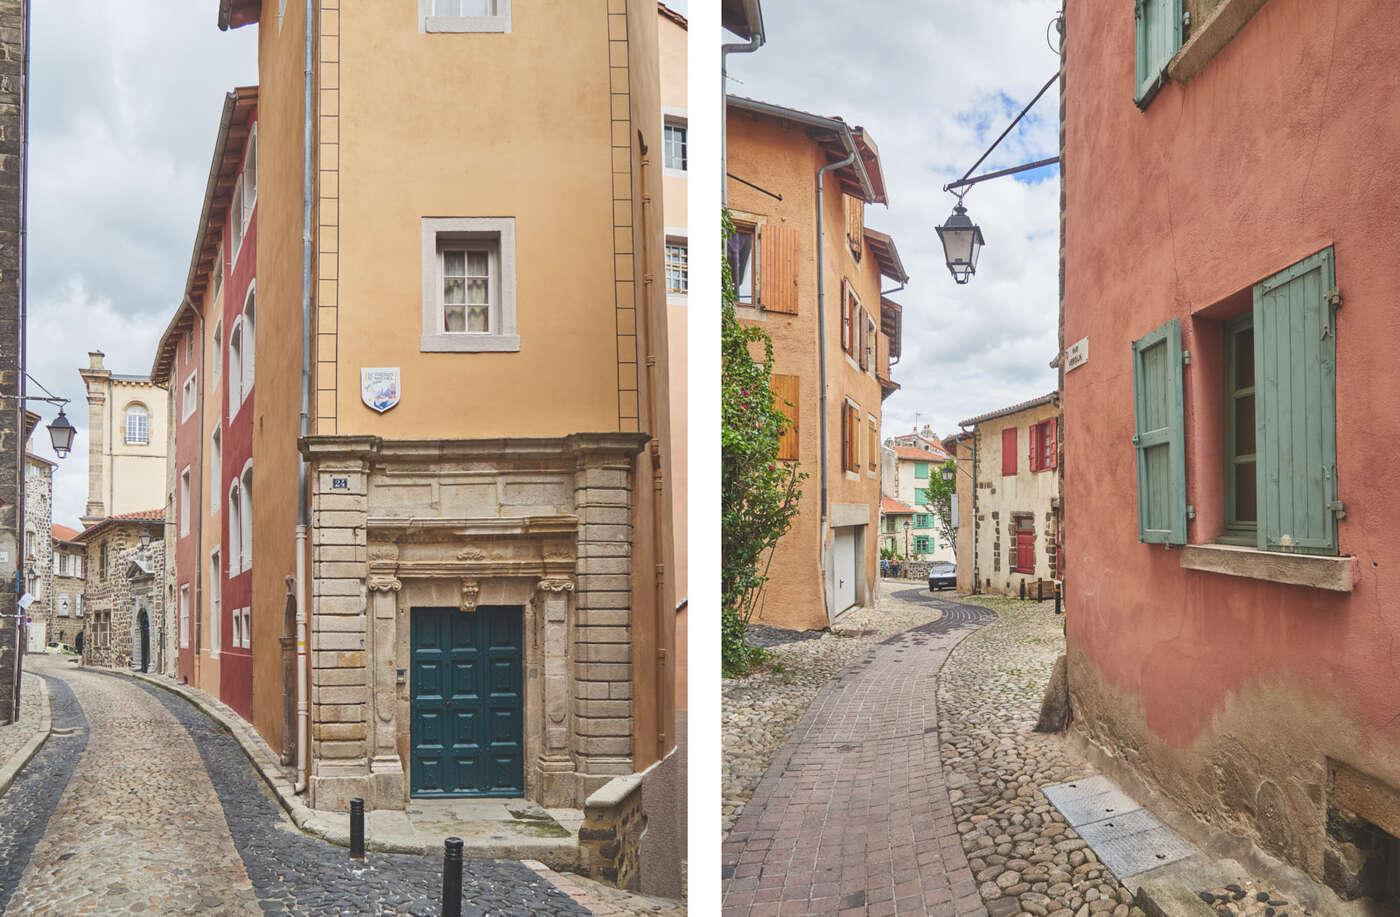 Rues colorées à Puy-en-Velay